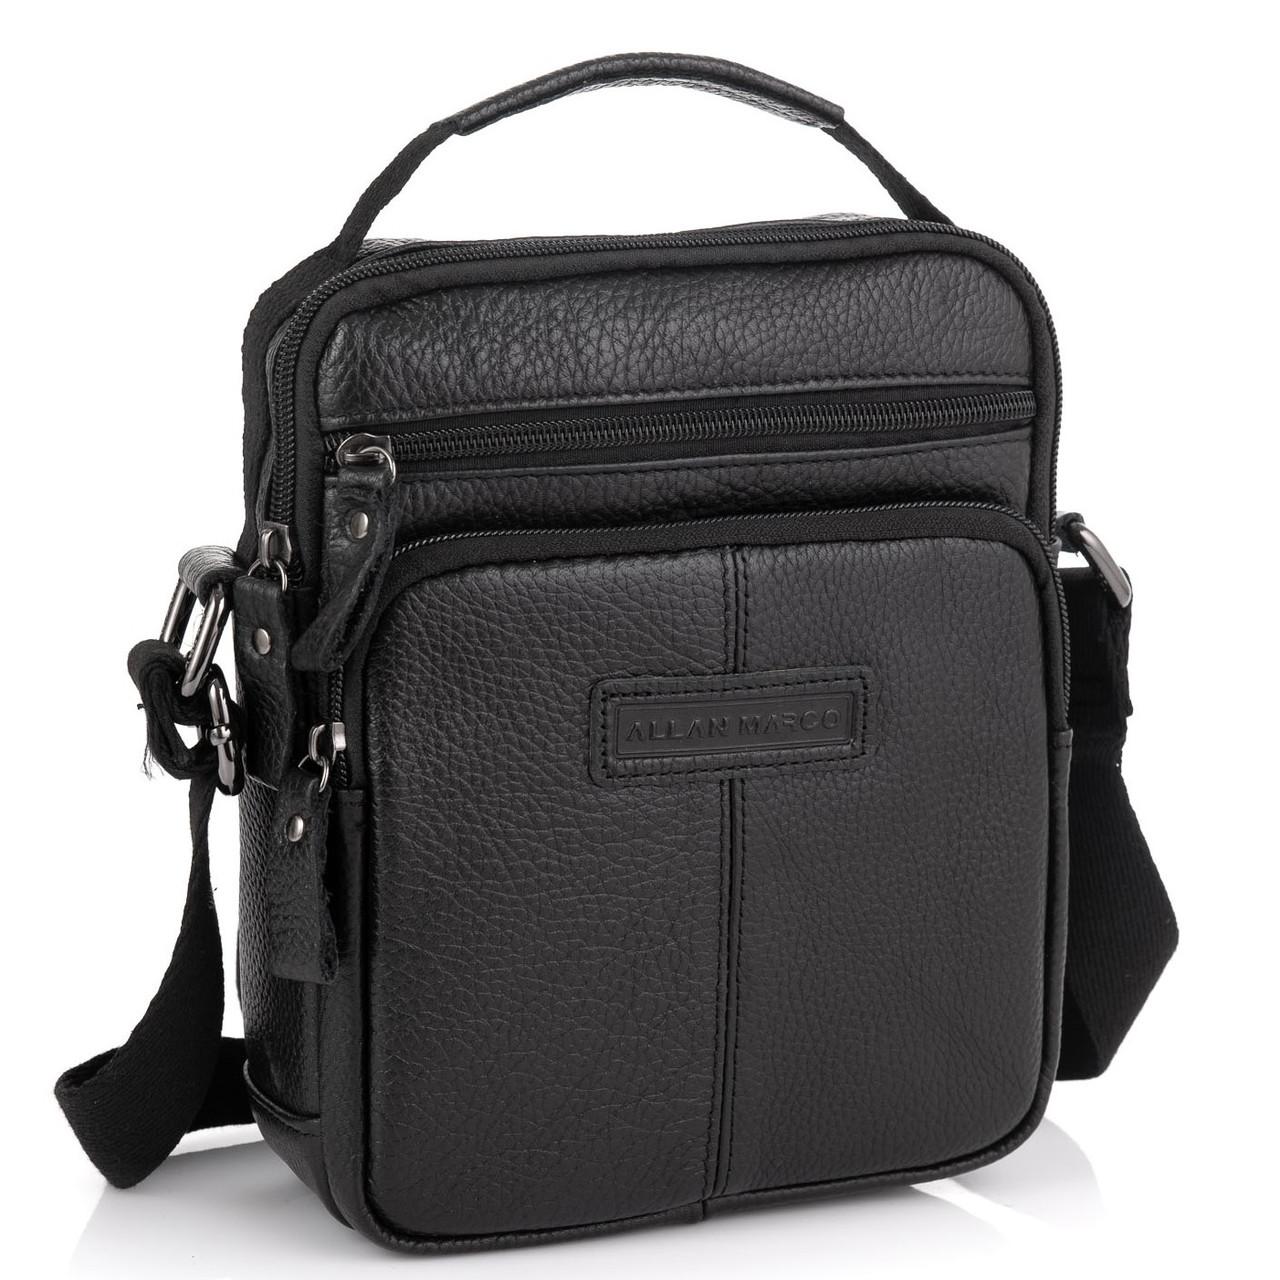 Кожаная мужская сумка через плечо Allan Marco RR-9053A